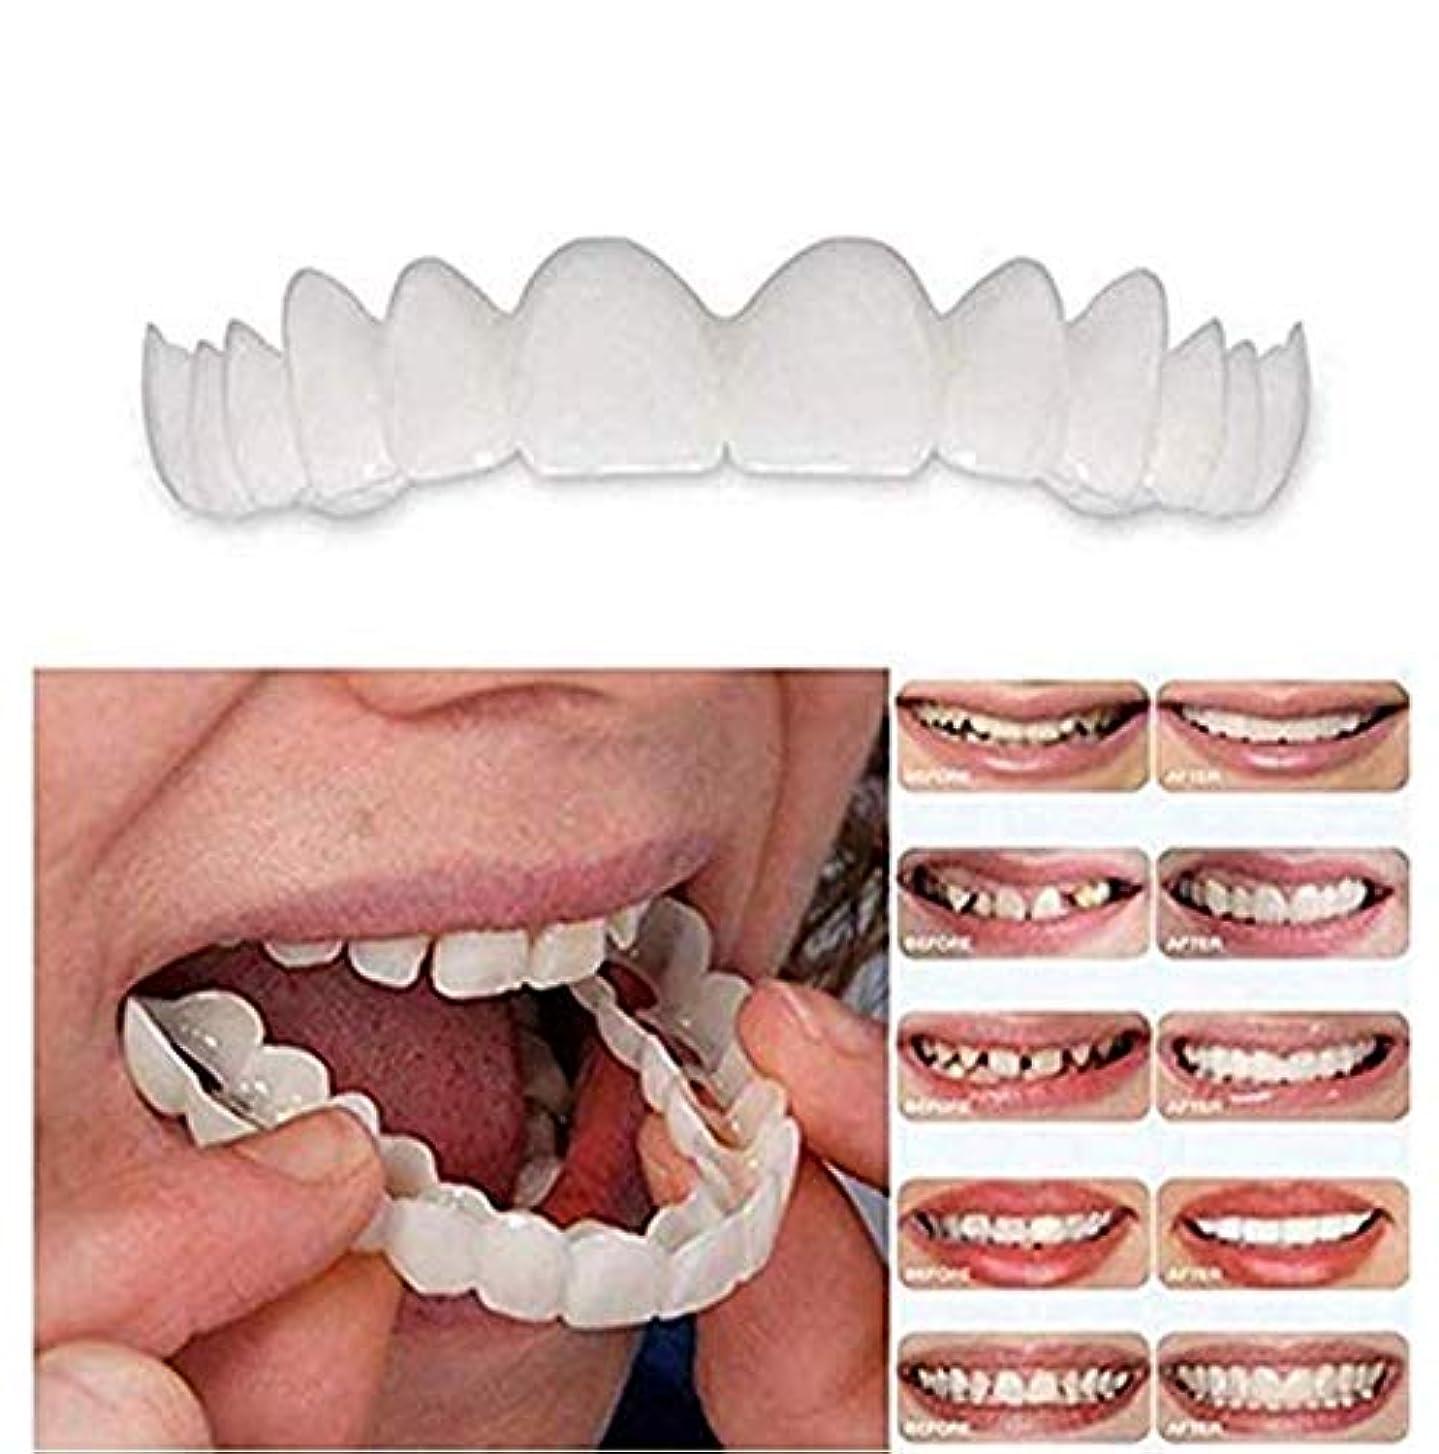 水を飲むカブ運命的な14セットの再利用可能な歯カバー歯科用アクセサリー用の調節可能なソフト漂白偽歯科義歯